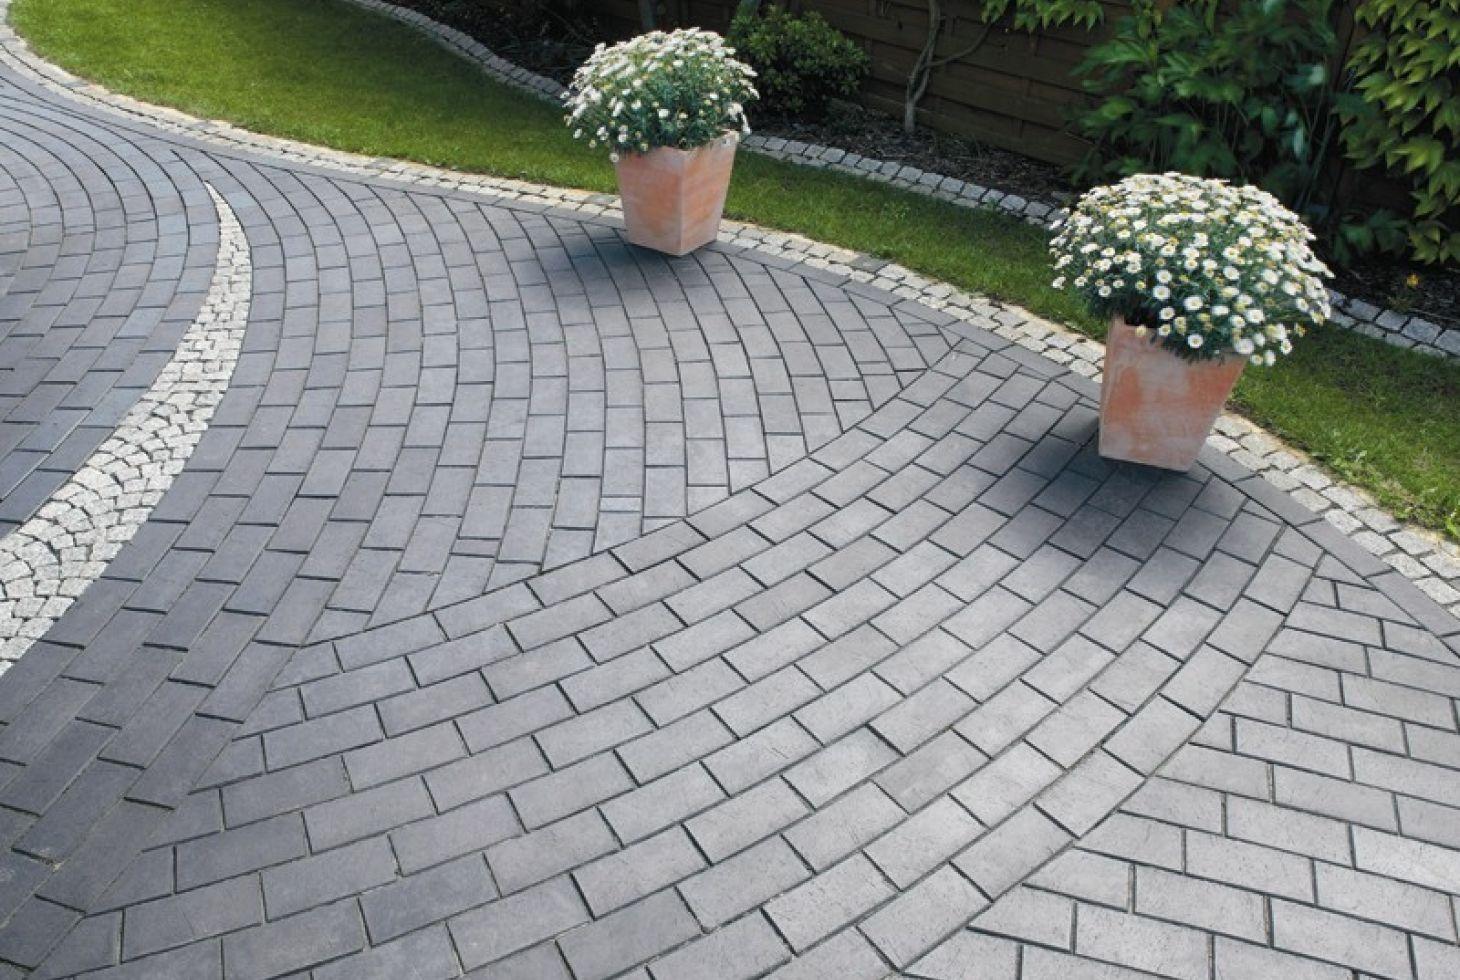 Тротуарная плитка для дачи: виды, варианты и технология укладки